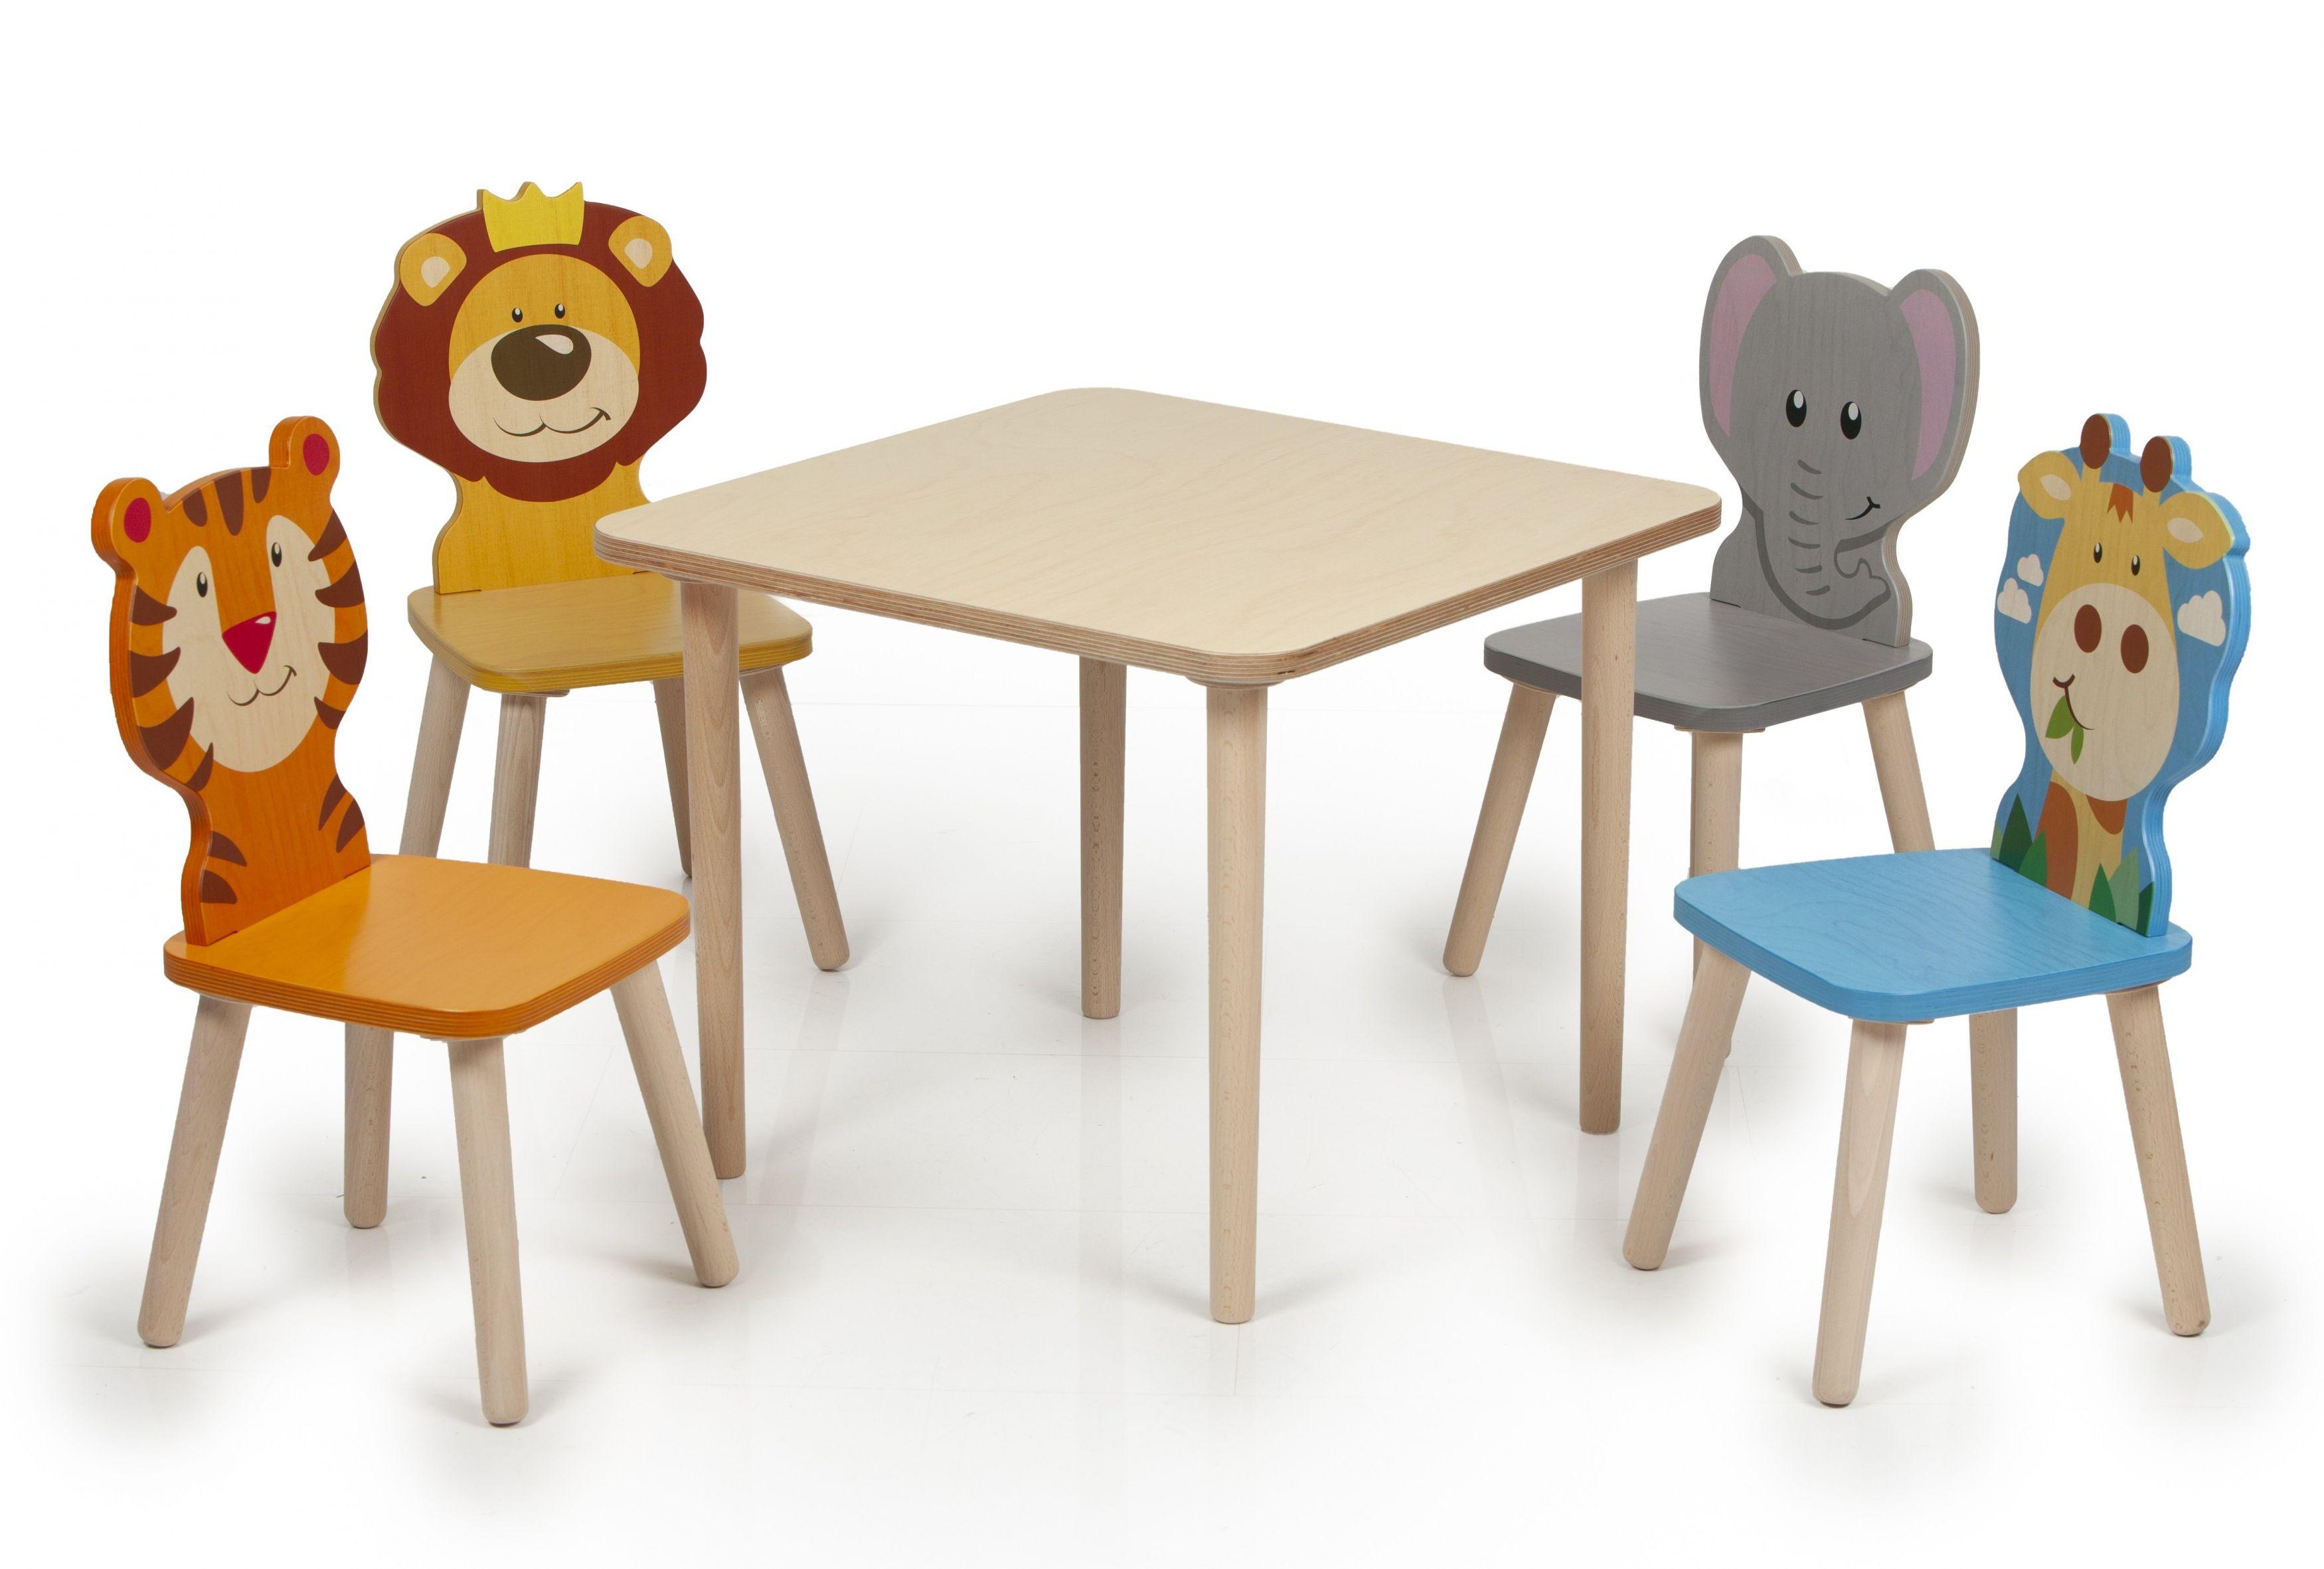 Weizenkorn Kindersitzgruppe Holz Tiere Kindertisch und Stühle Tisch Kinder Kleinkind 25492